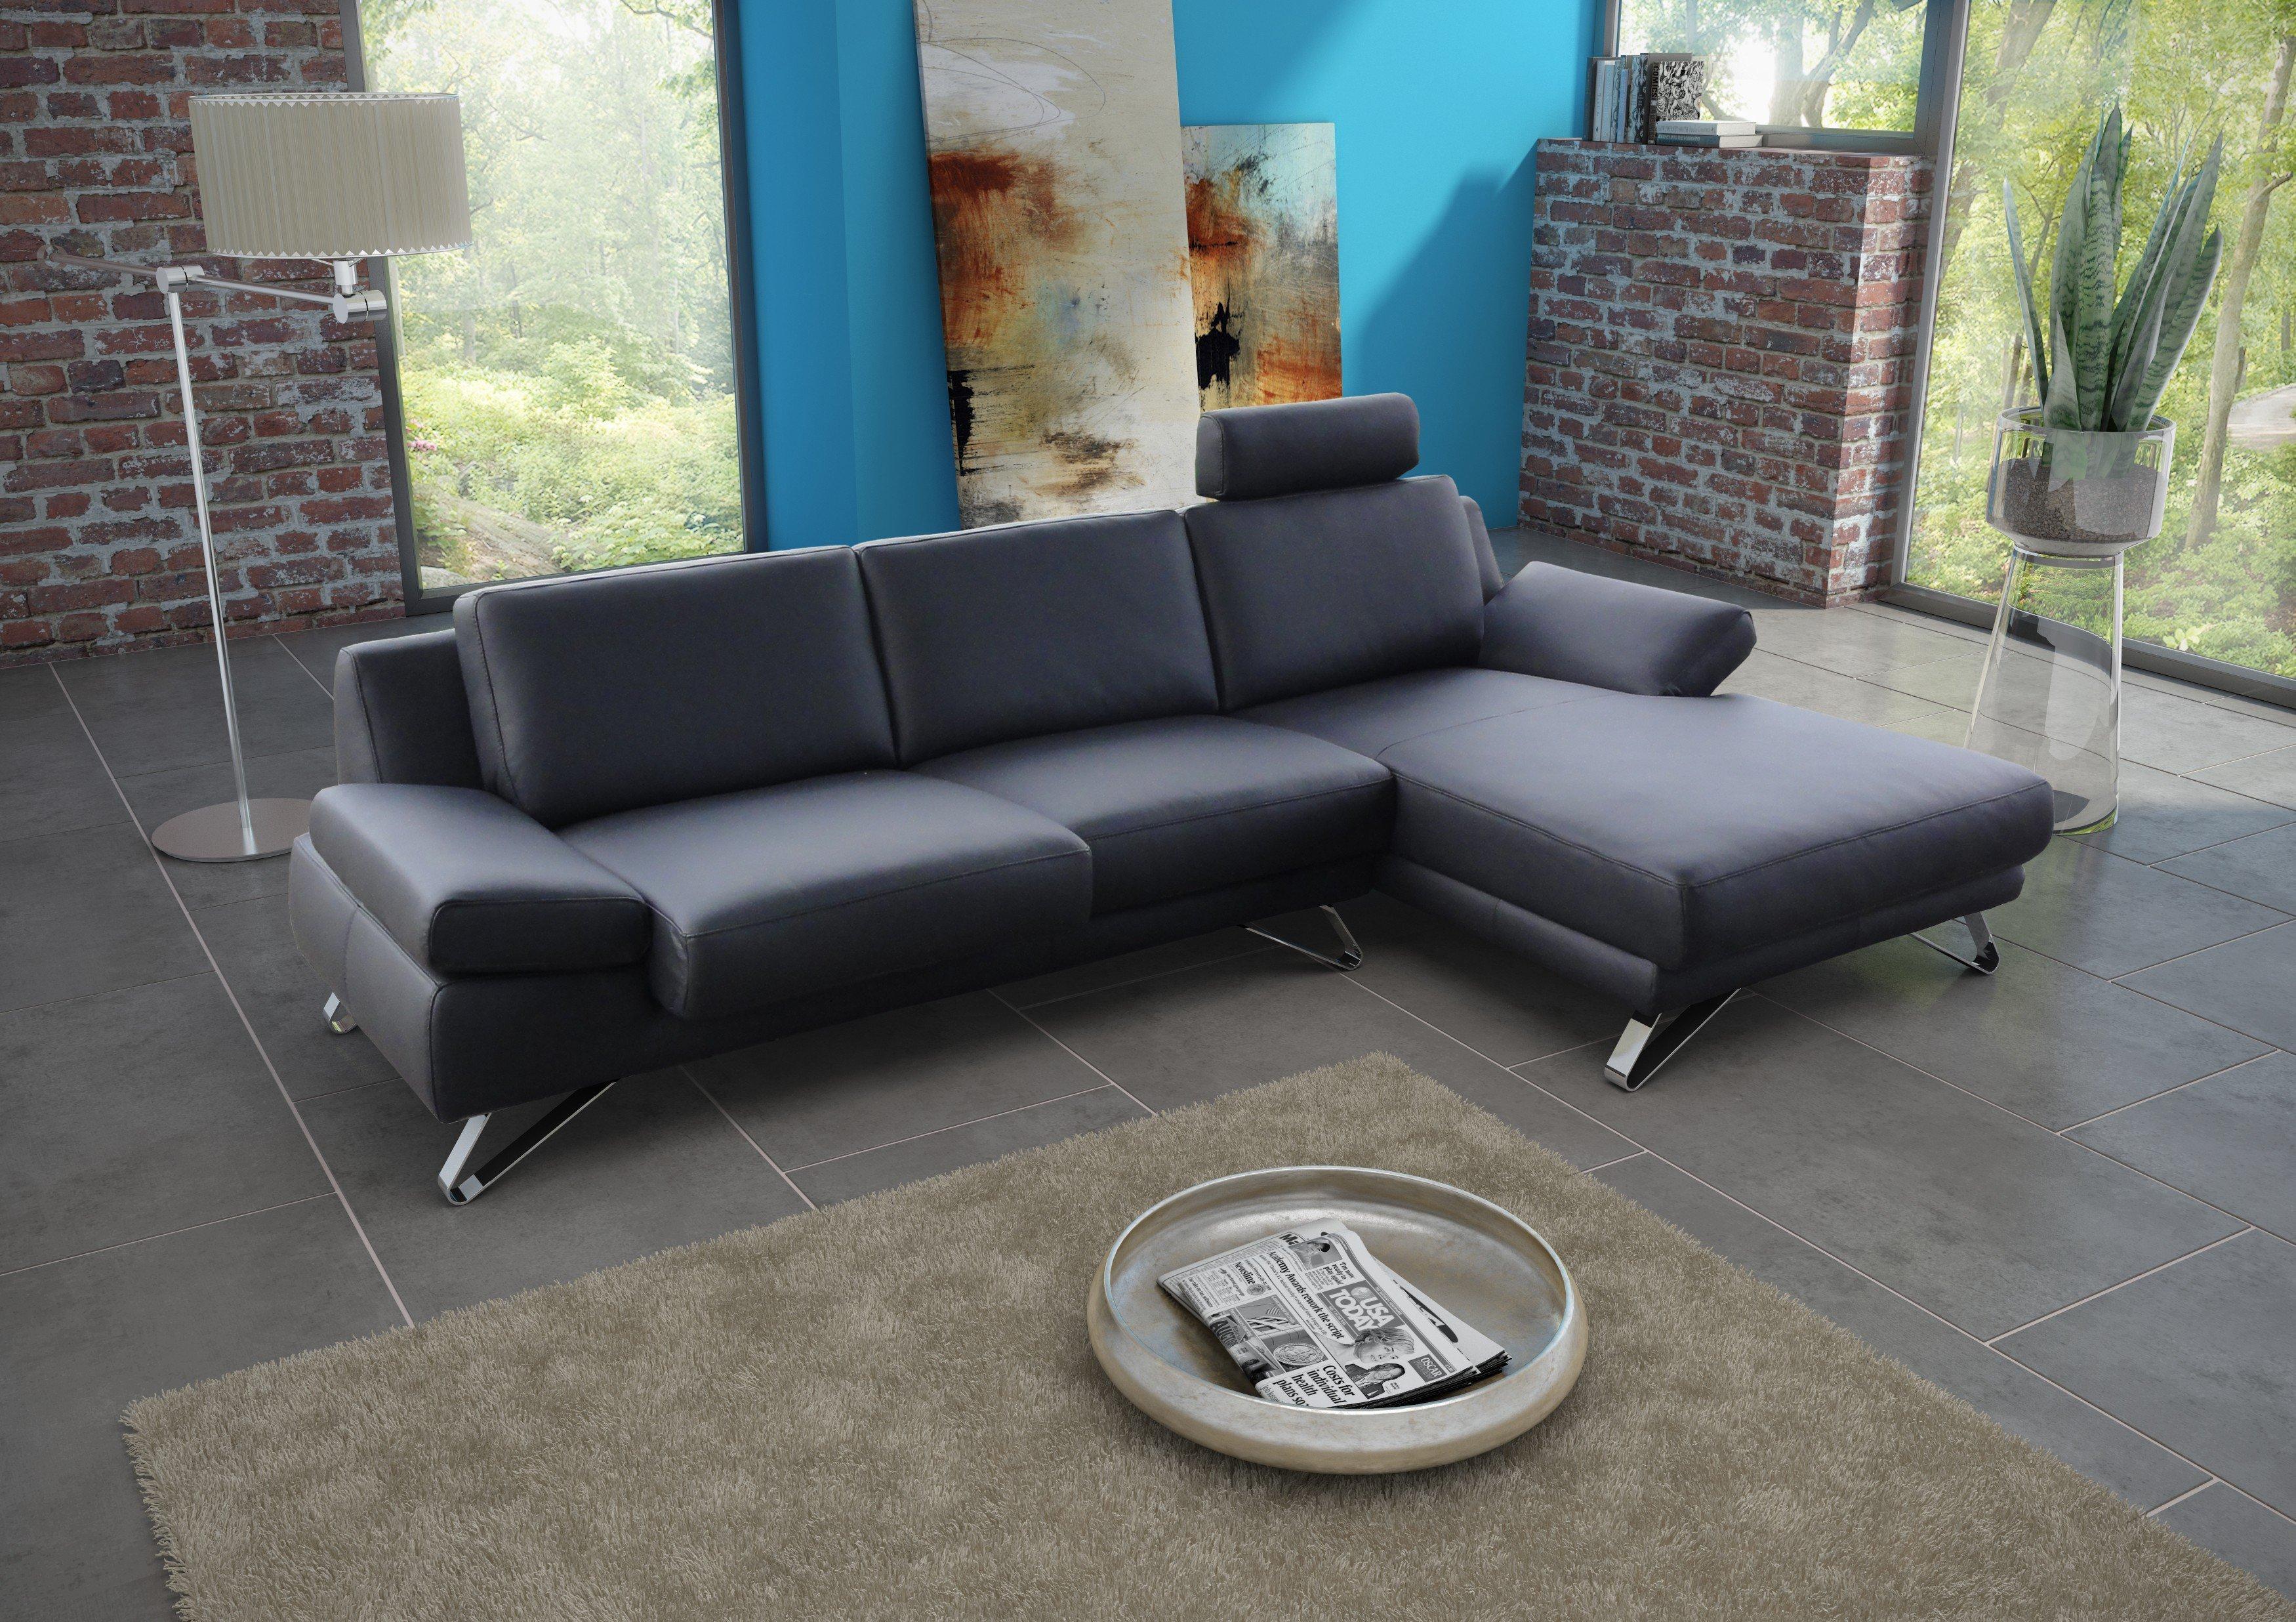 Dreisitz Design Finest Ecksofa schwarz | Möbel Letz - Ihr Online-Shop